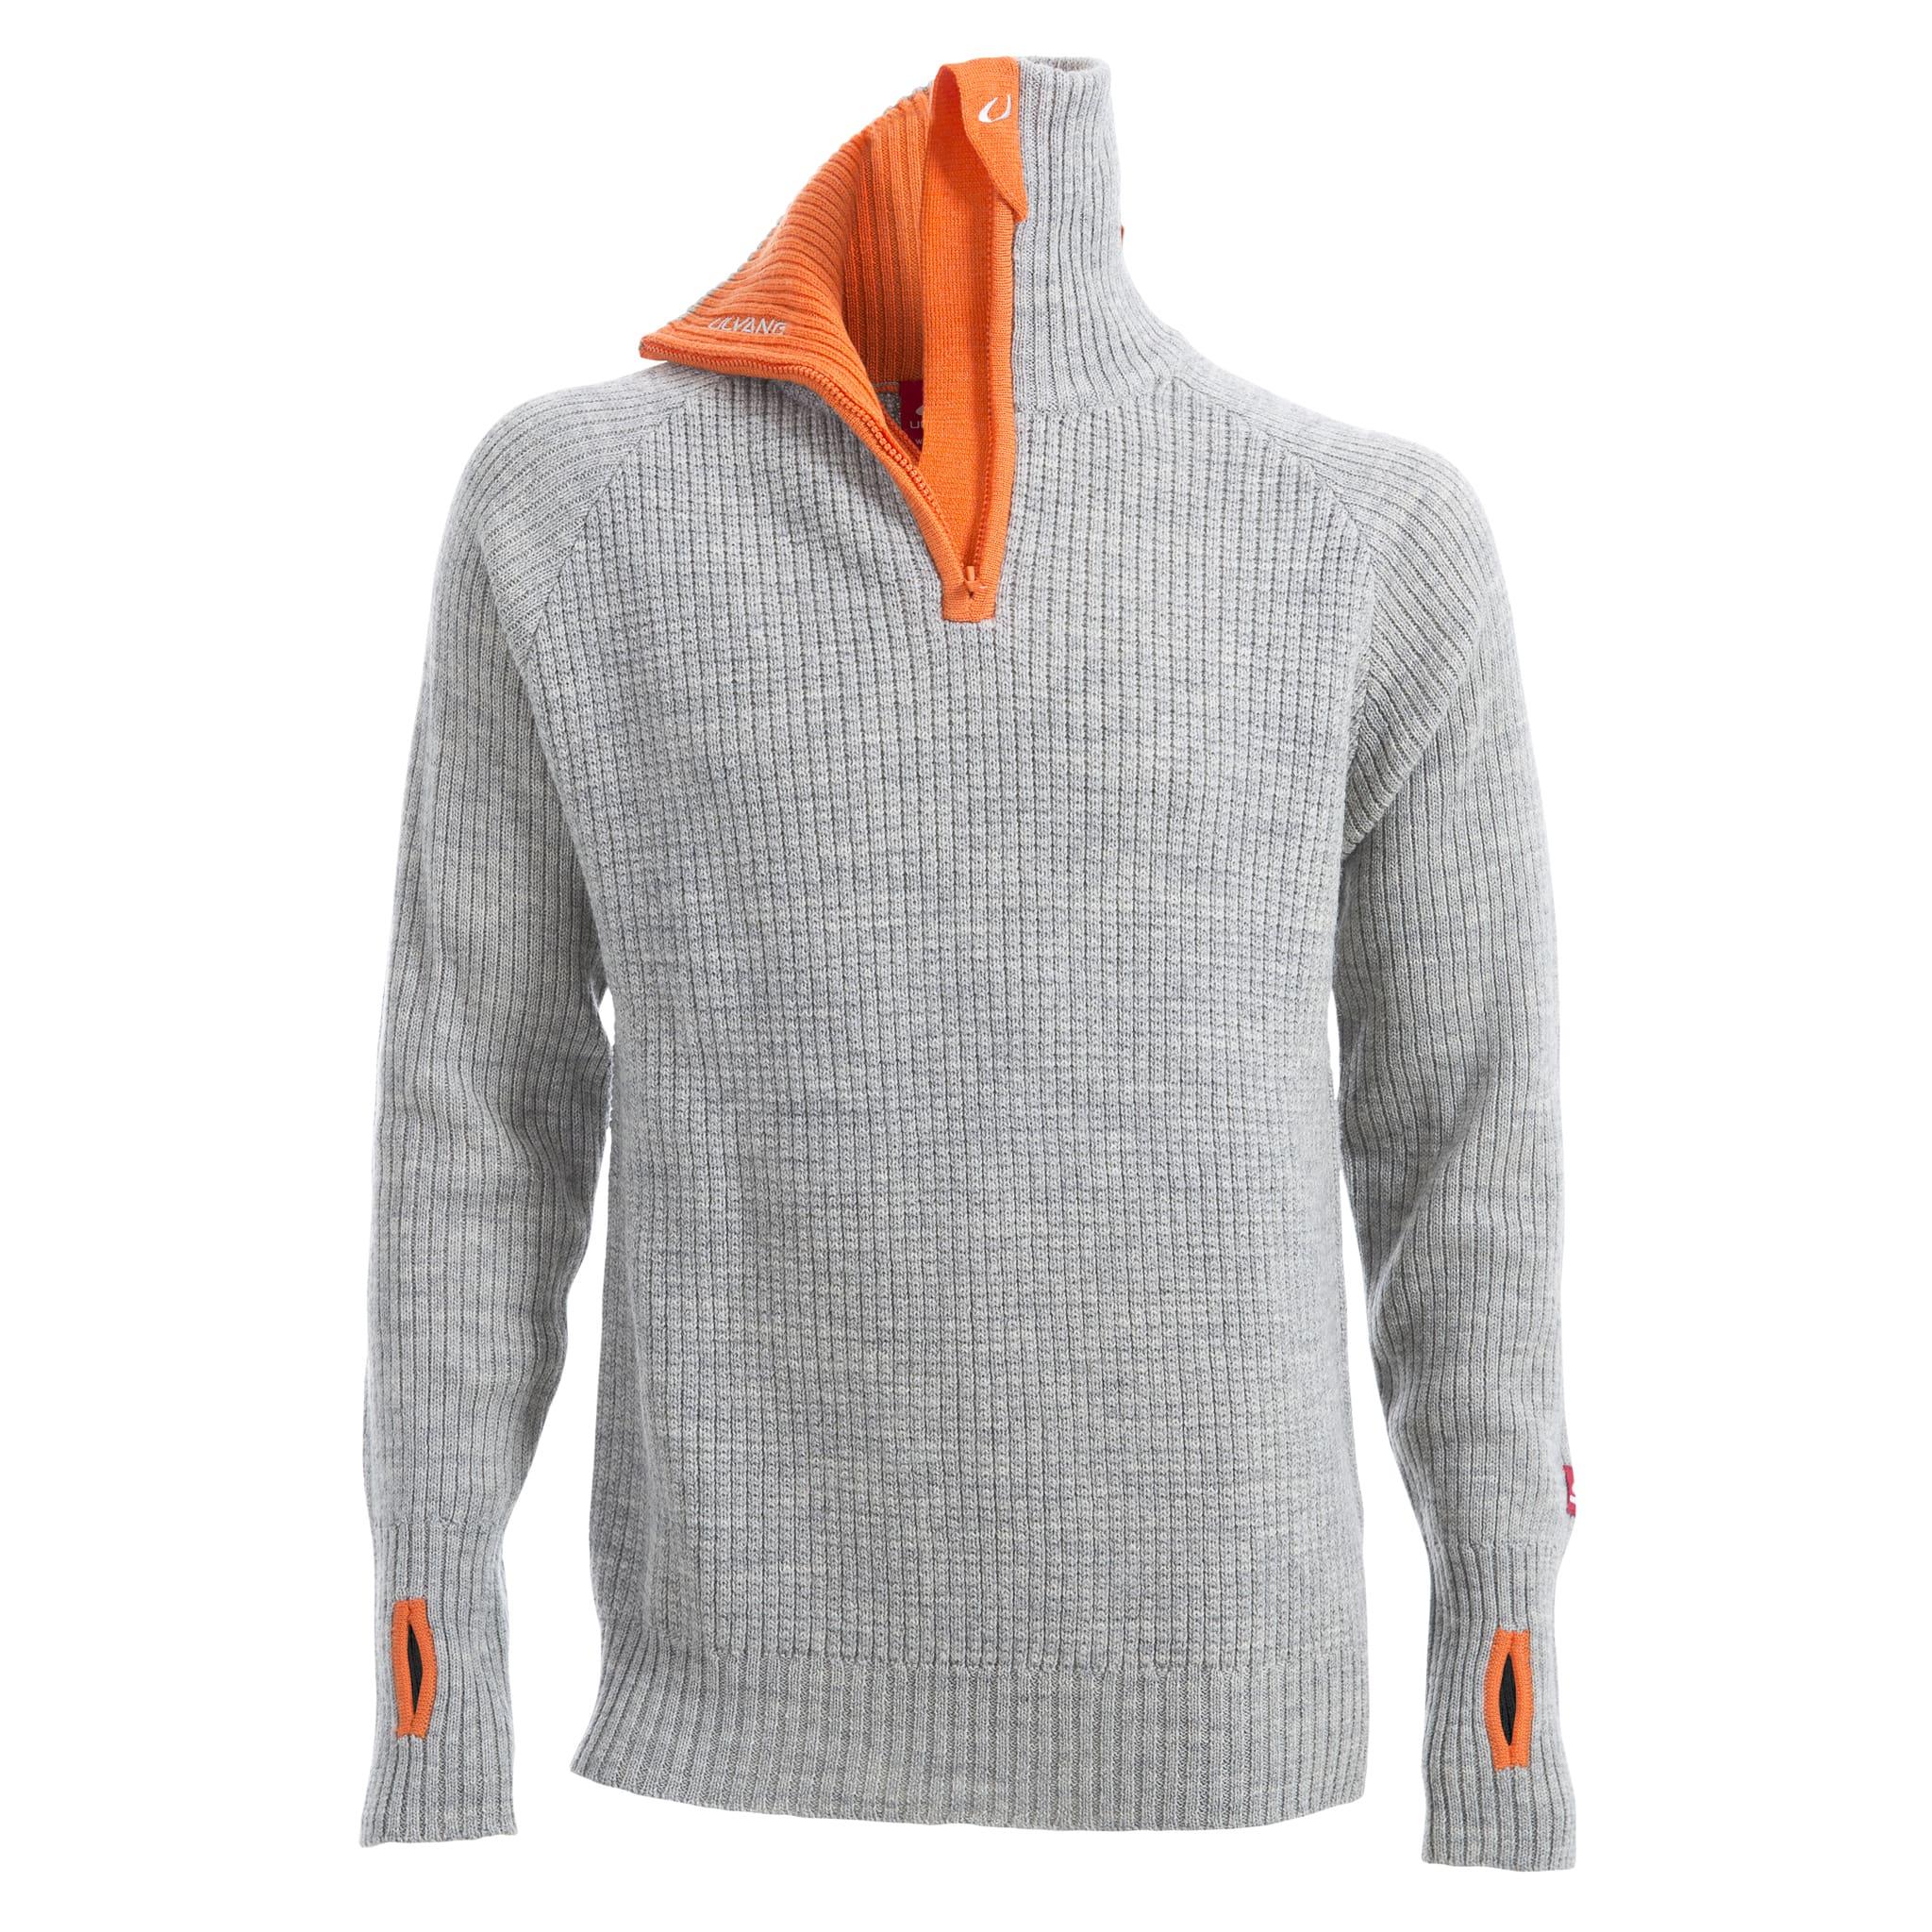 Utrolig god og komfortabel genser